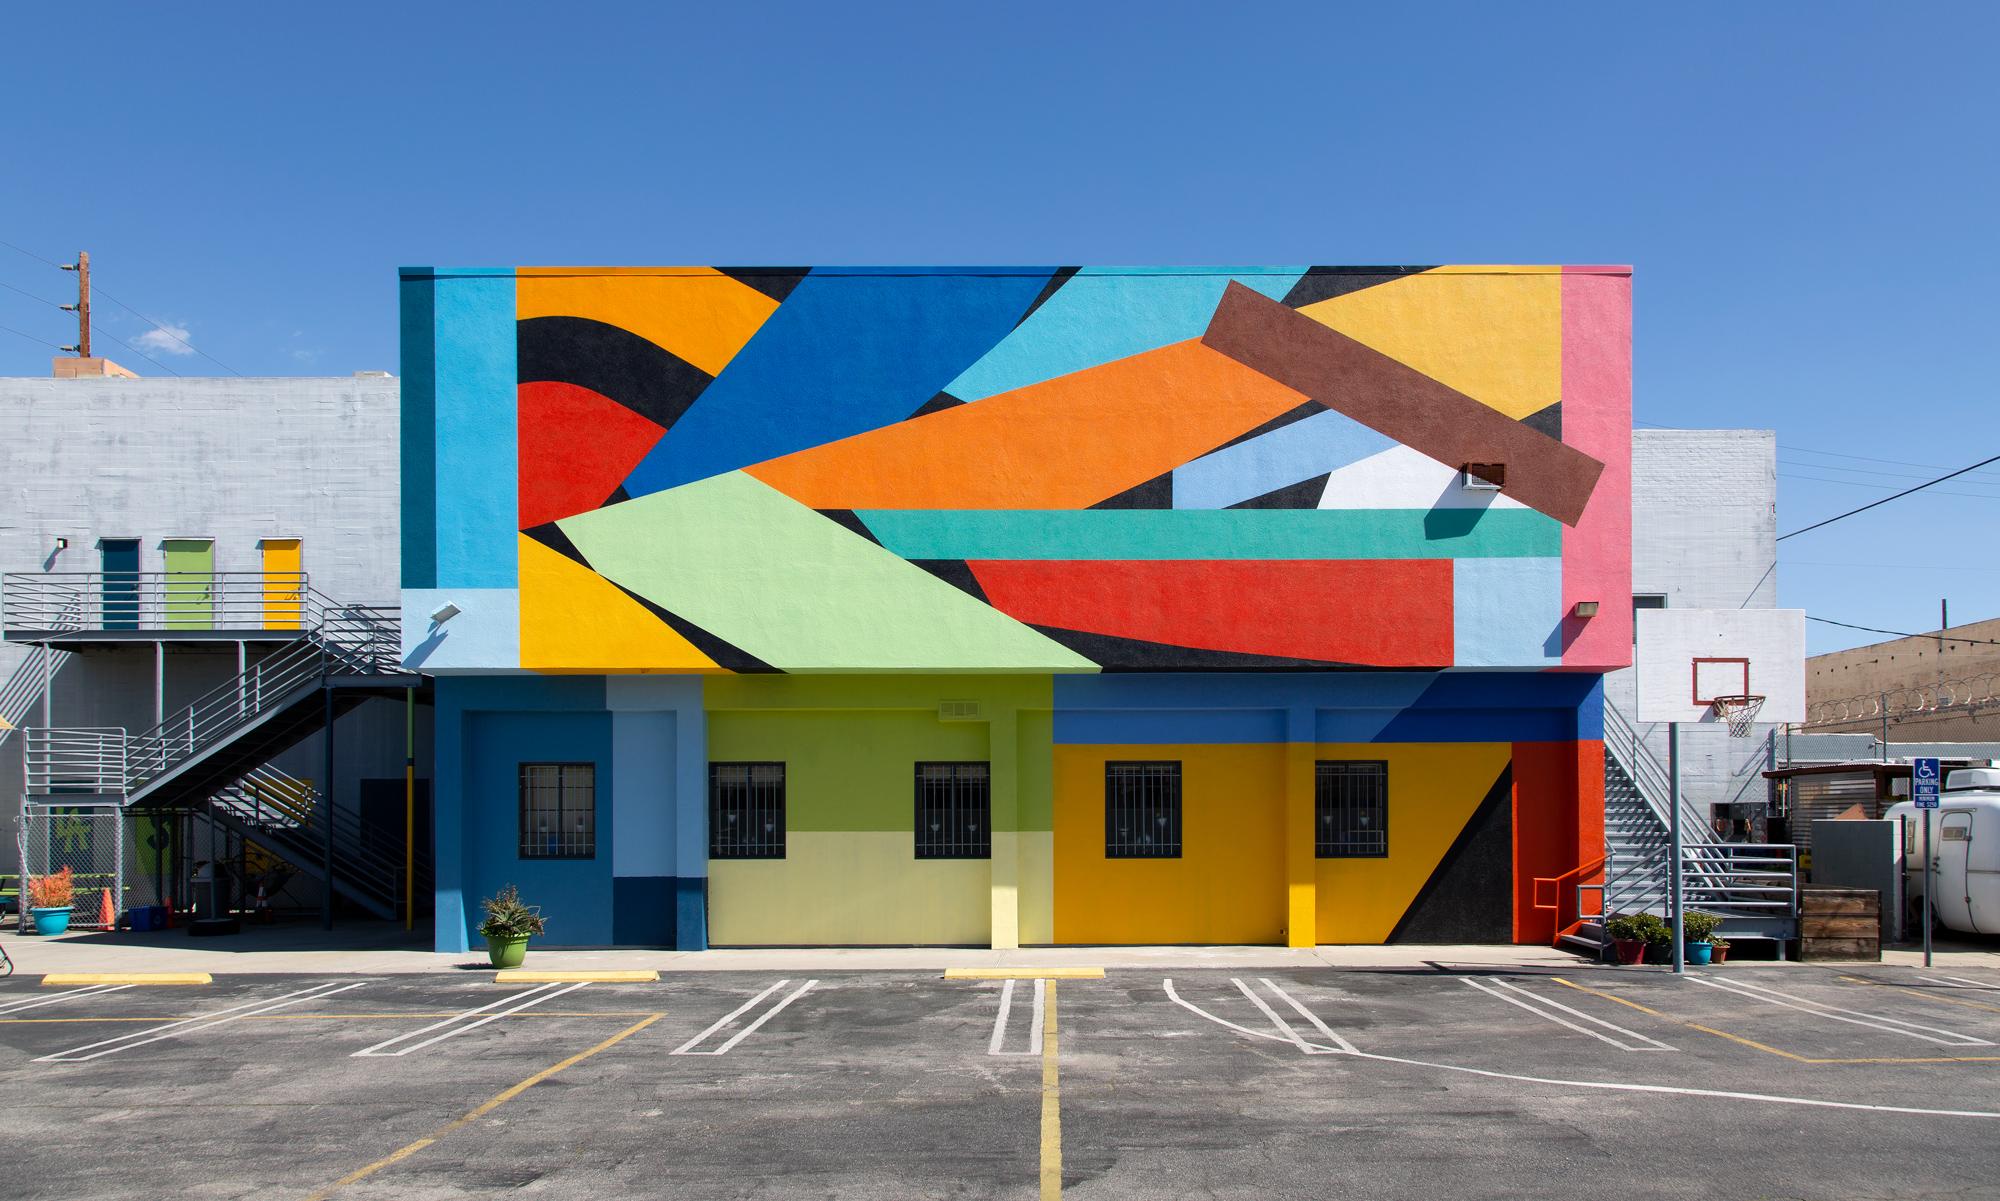 Charlie_Edmiston_World_Impact_Mural_2.jpg